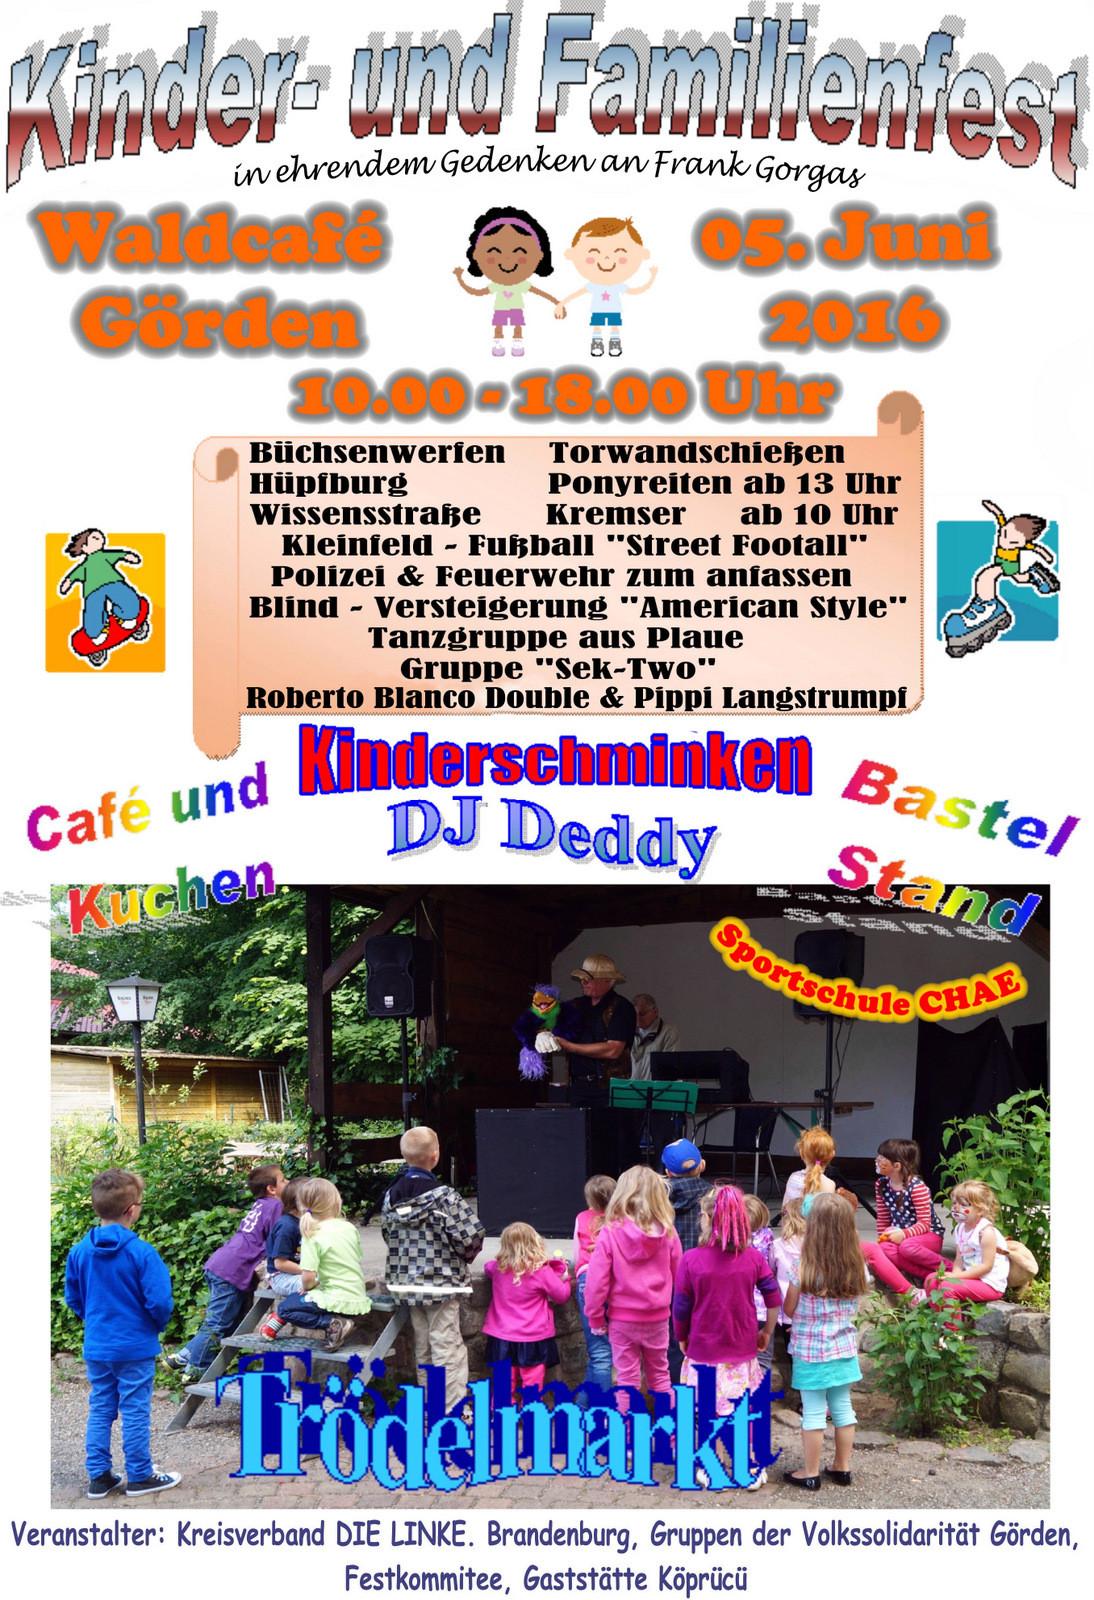 Pippi Langstrumpf Akkorde Neu Meetingpoint Party Und eventüberblick Update Sammlung